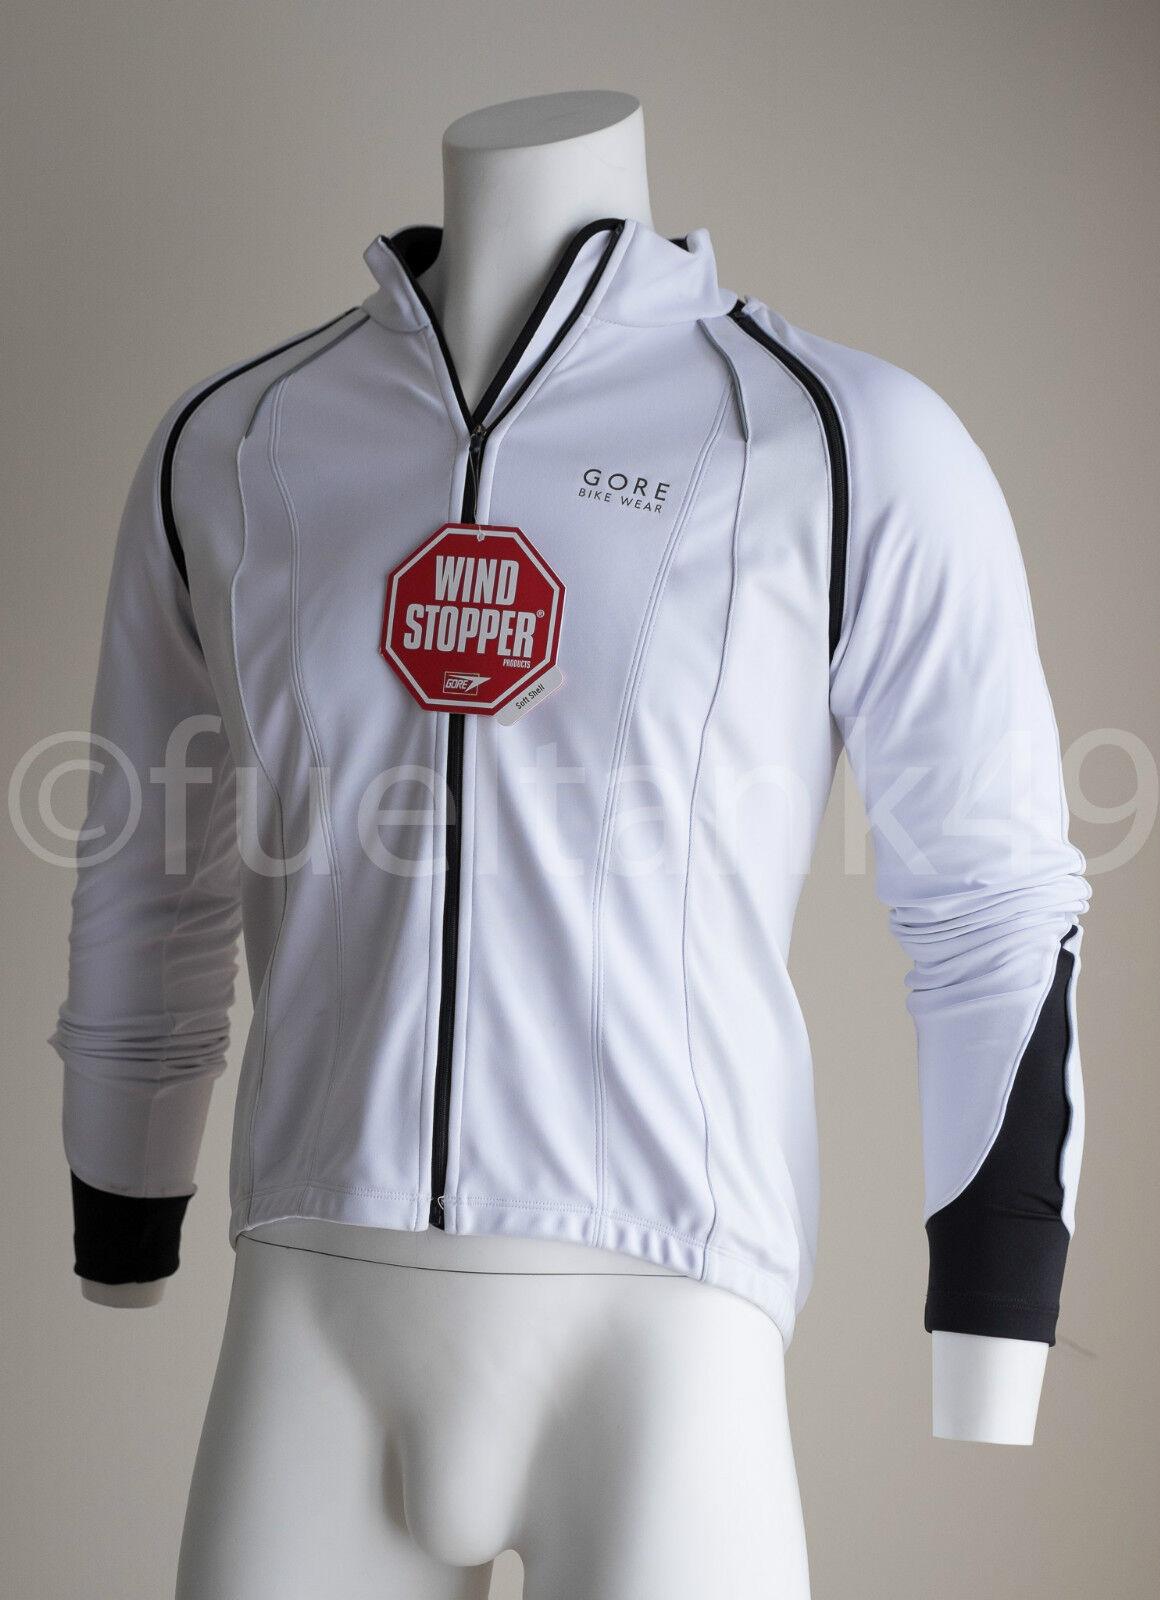 Gore Bike Wear Windstopper Soft Shell Chaqueta De Ciclismo-Damas Talla L